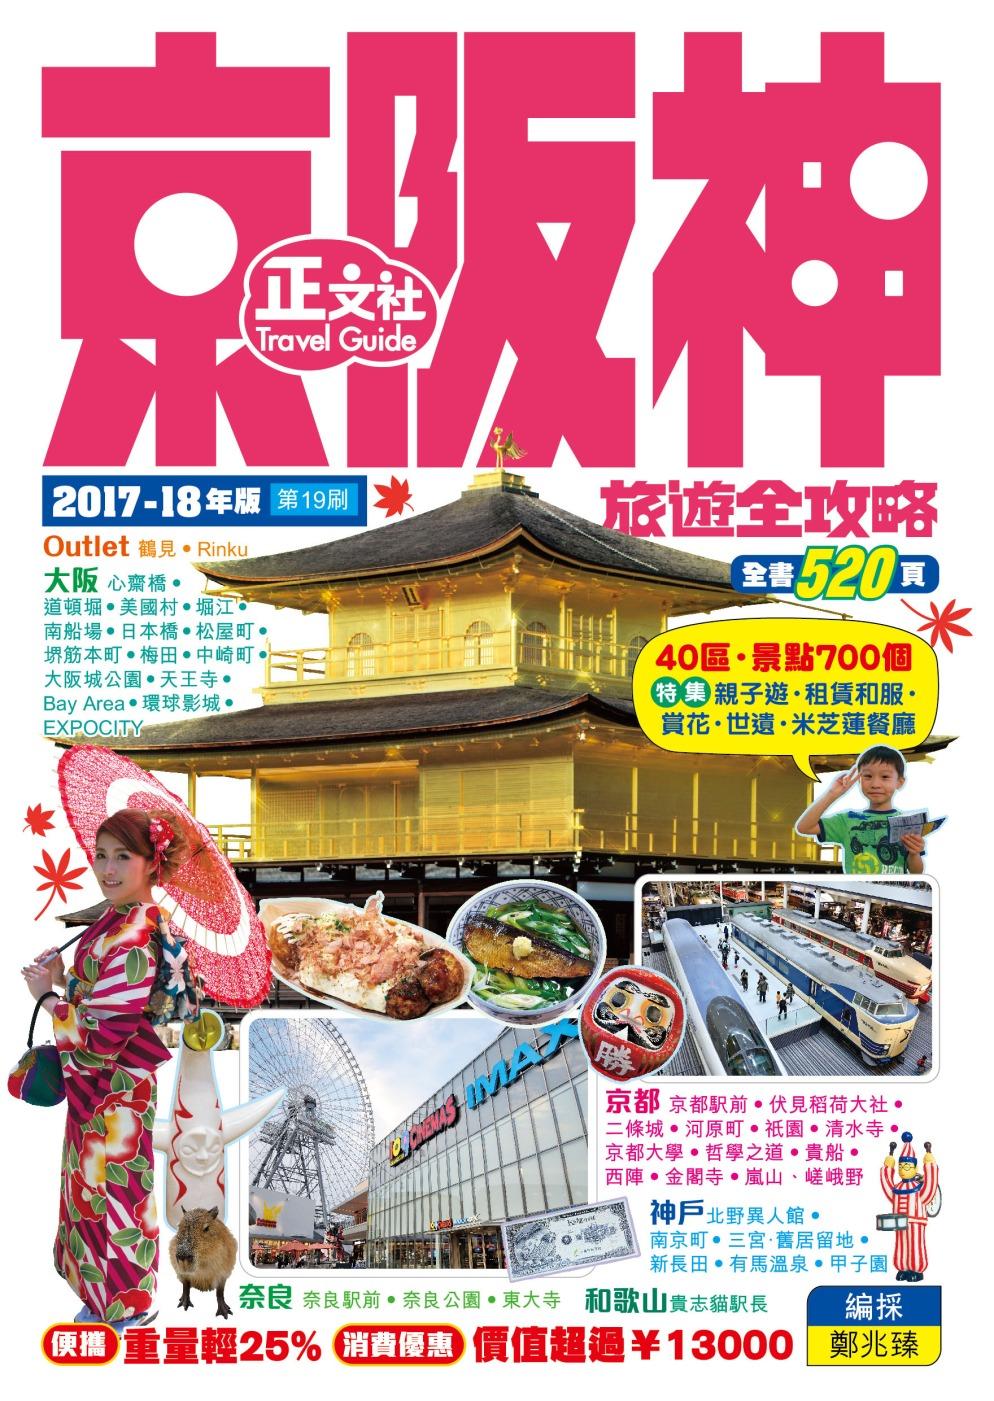 京阪神旅遊全攻略2017-18年版(19刷)